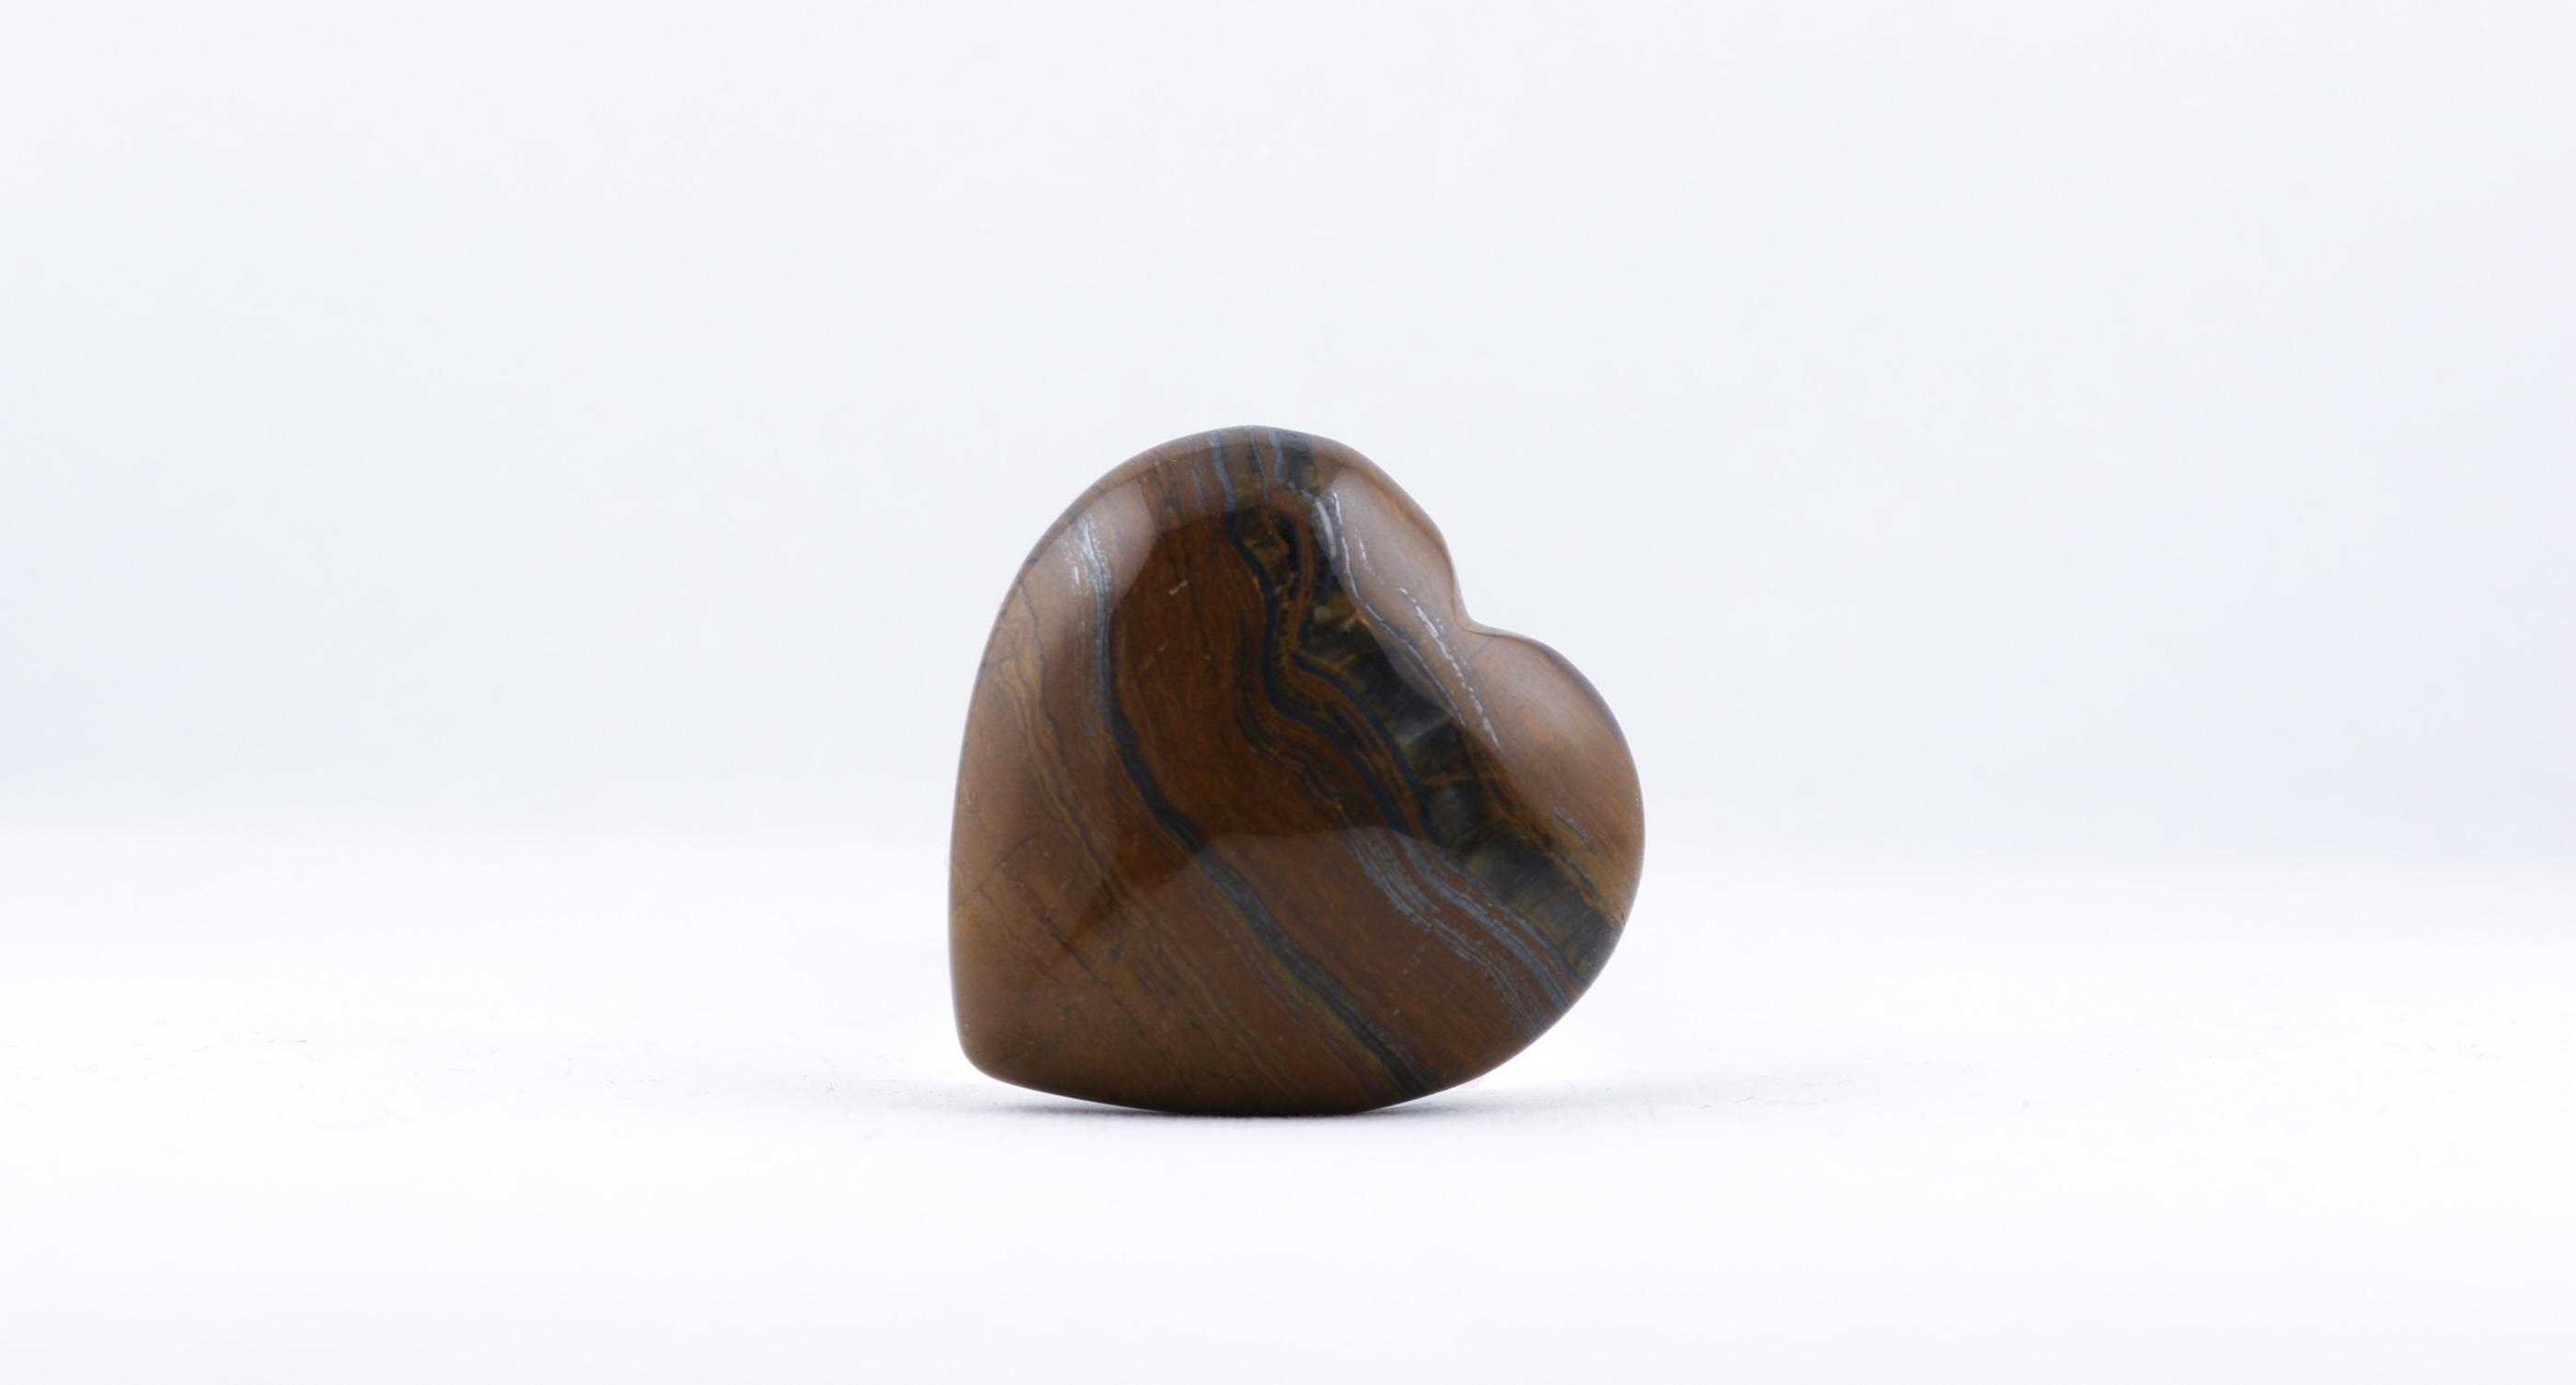 Tigeröga hjärta trumlade spets stav kristaller slipade stenar healing stenar chakra stenar Wellness Ayurveda Halmstadmassören Halmstad Sverige Sweden svensk